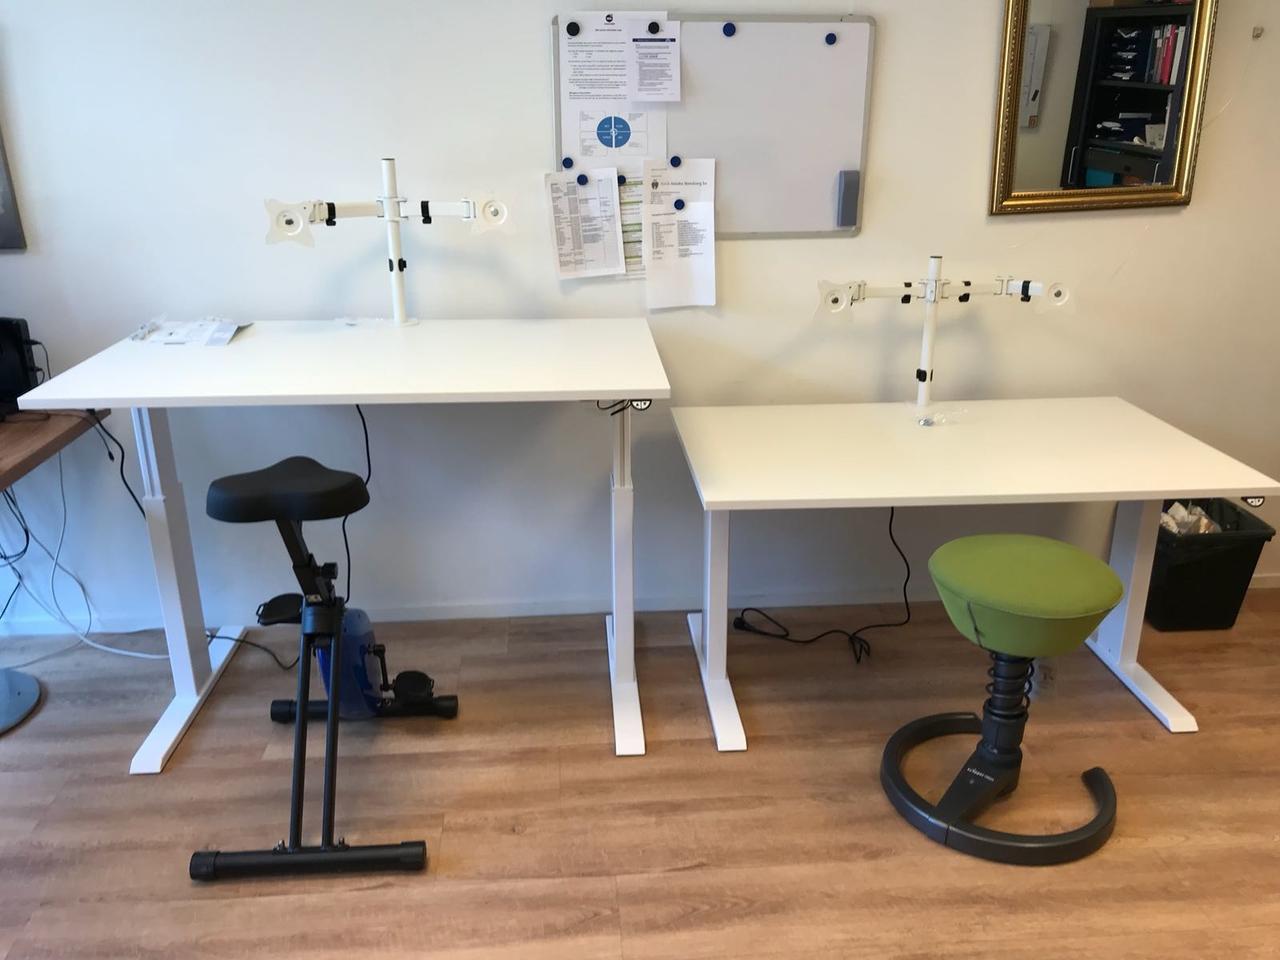 Full Size of Stehhilfe Büro Ikea Sitz Steh Schreibtisch A140 Elektrisch Hhenverstellbar Betten 160x200 Bei Küche Kosten Büroküche Kaufen Modulküche Miniküche Sofa Mit Wohnzimmer Stehhilfe Büro Ikea